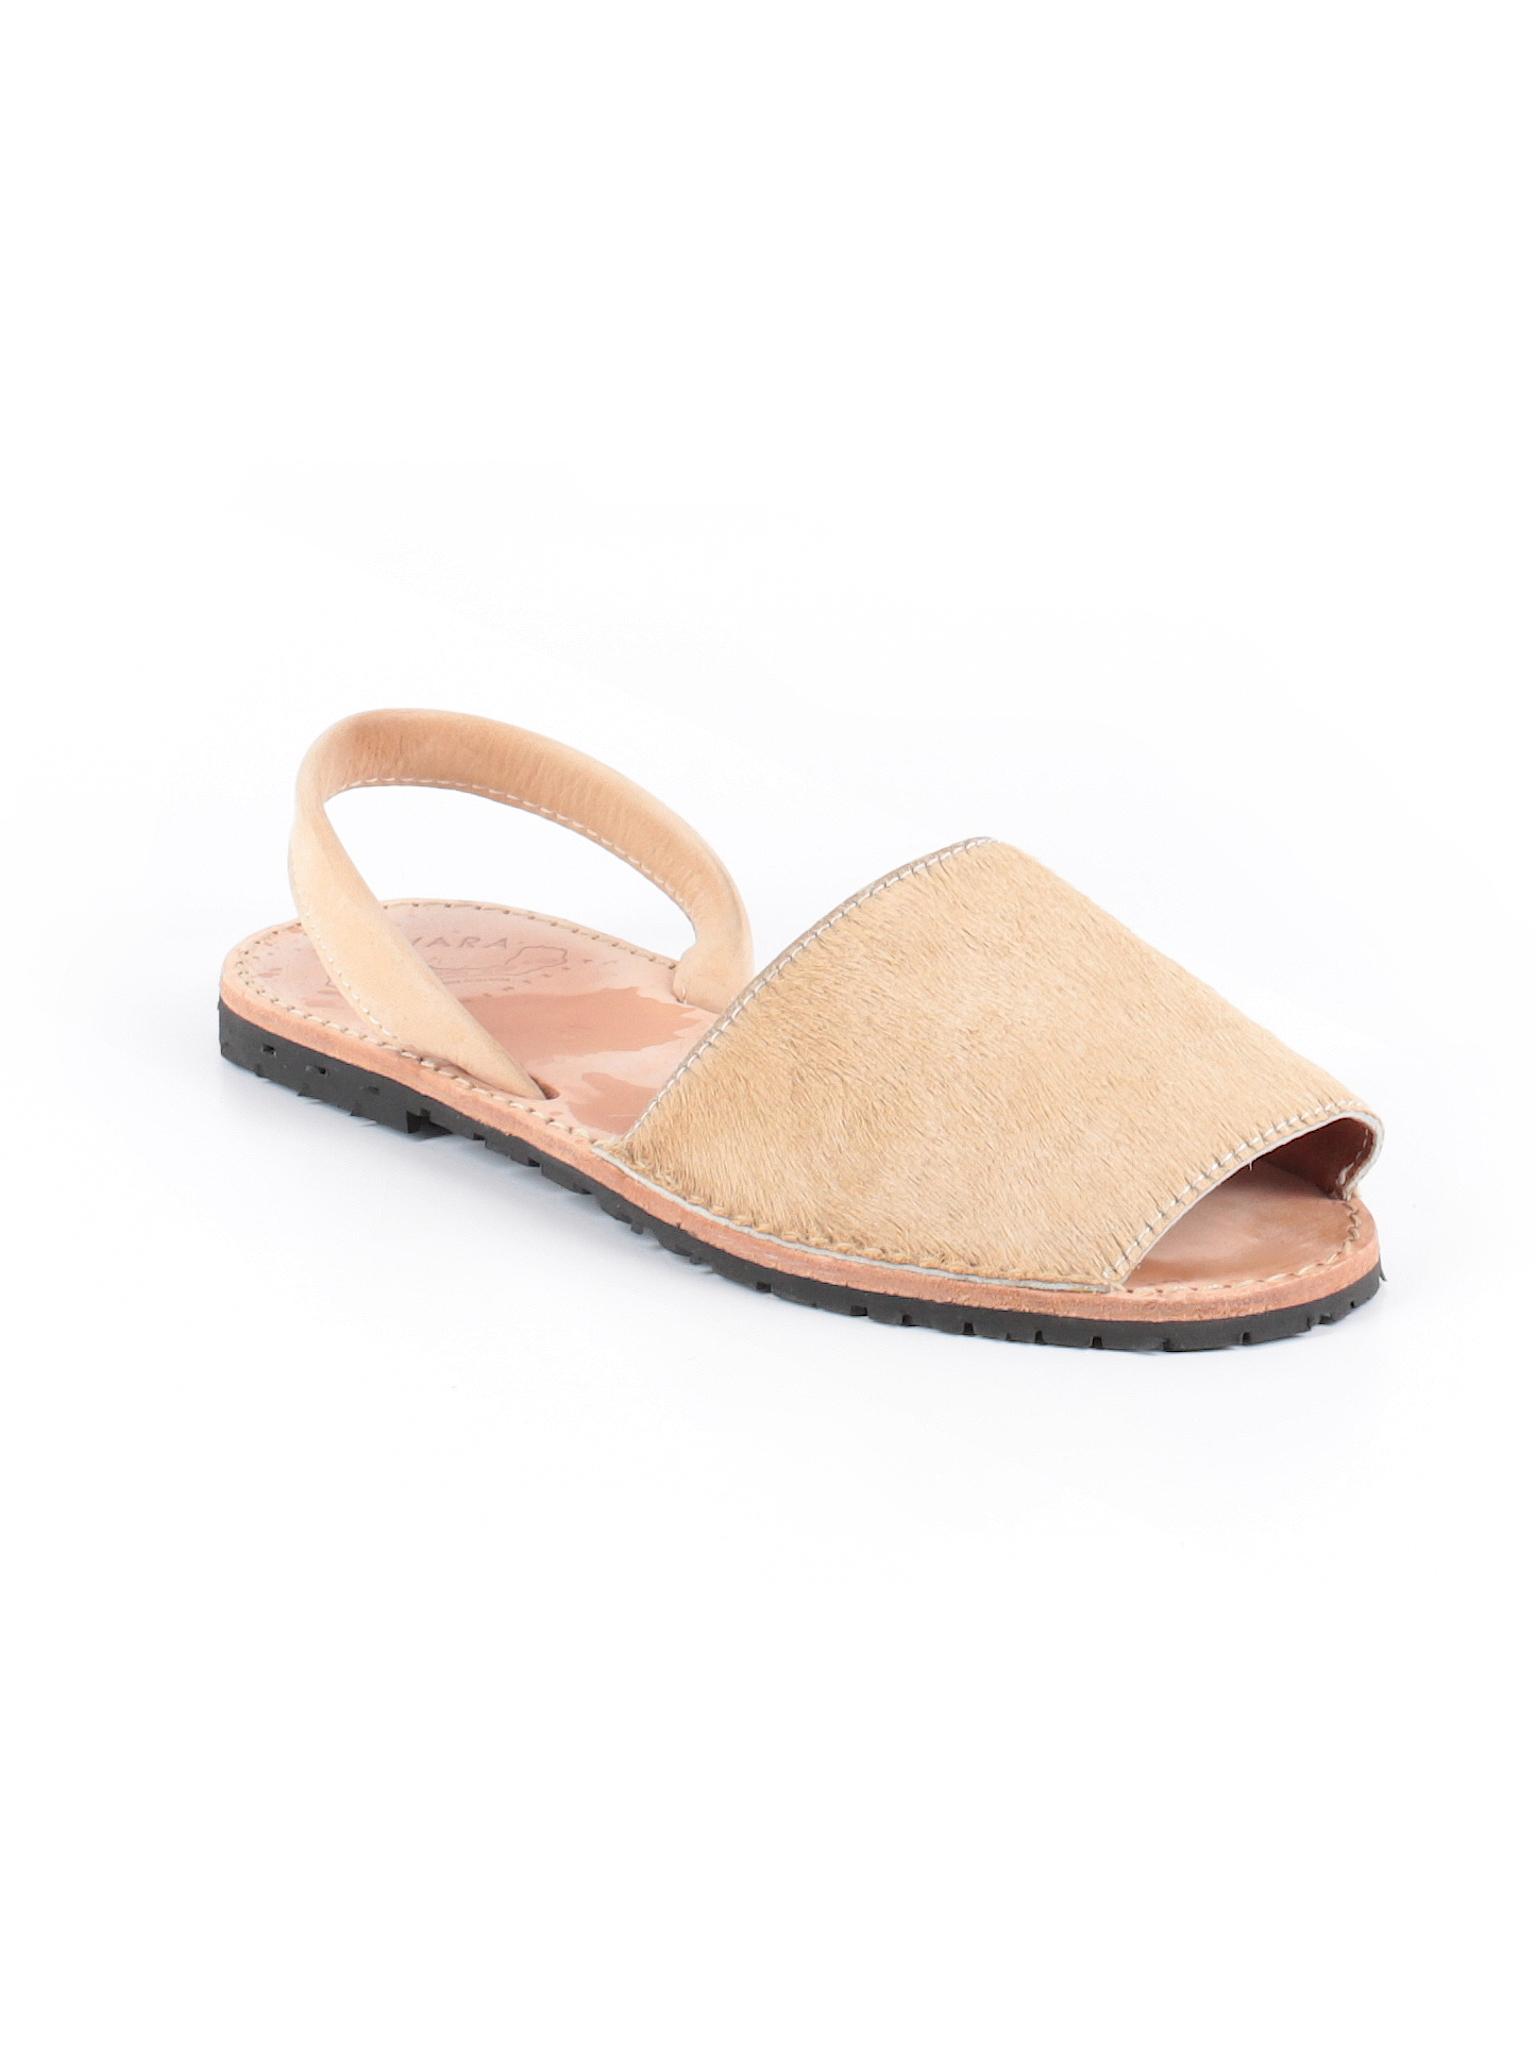 d840ebab237d13 Ishvara Formentera Solid Tan Sandals Size 40 (EU) - 68% off